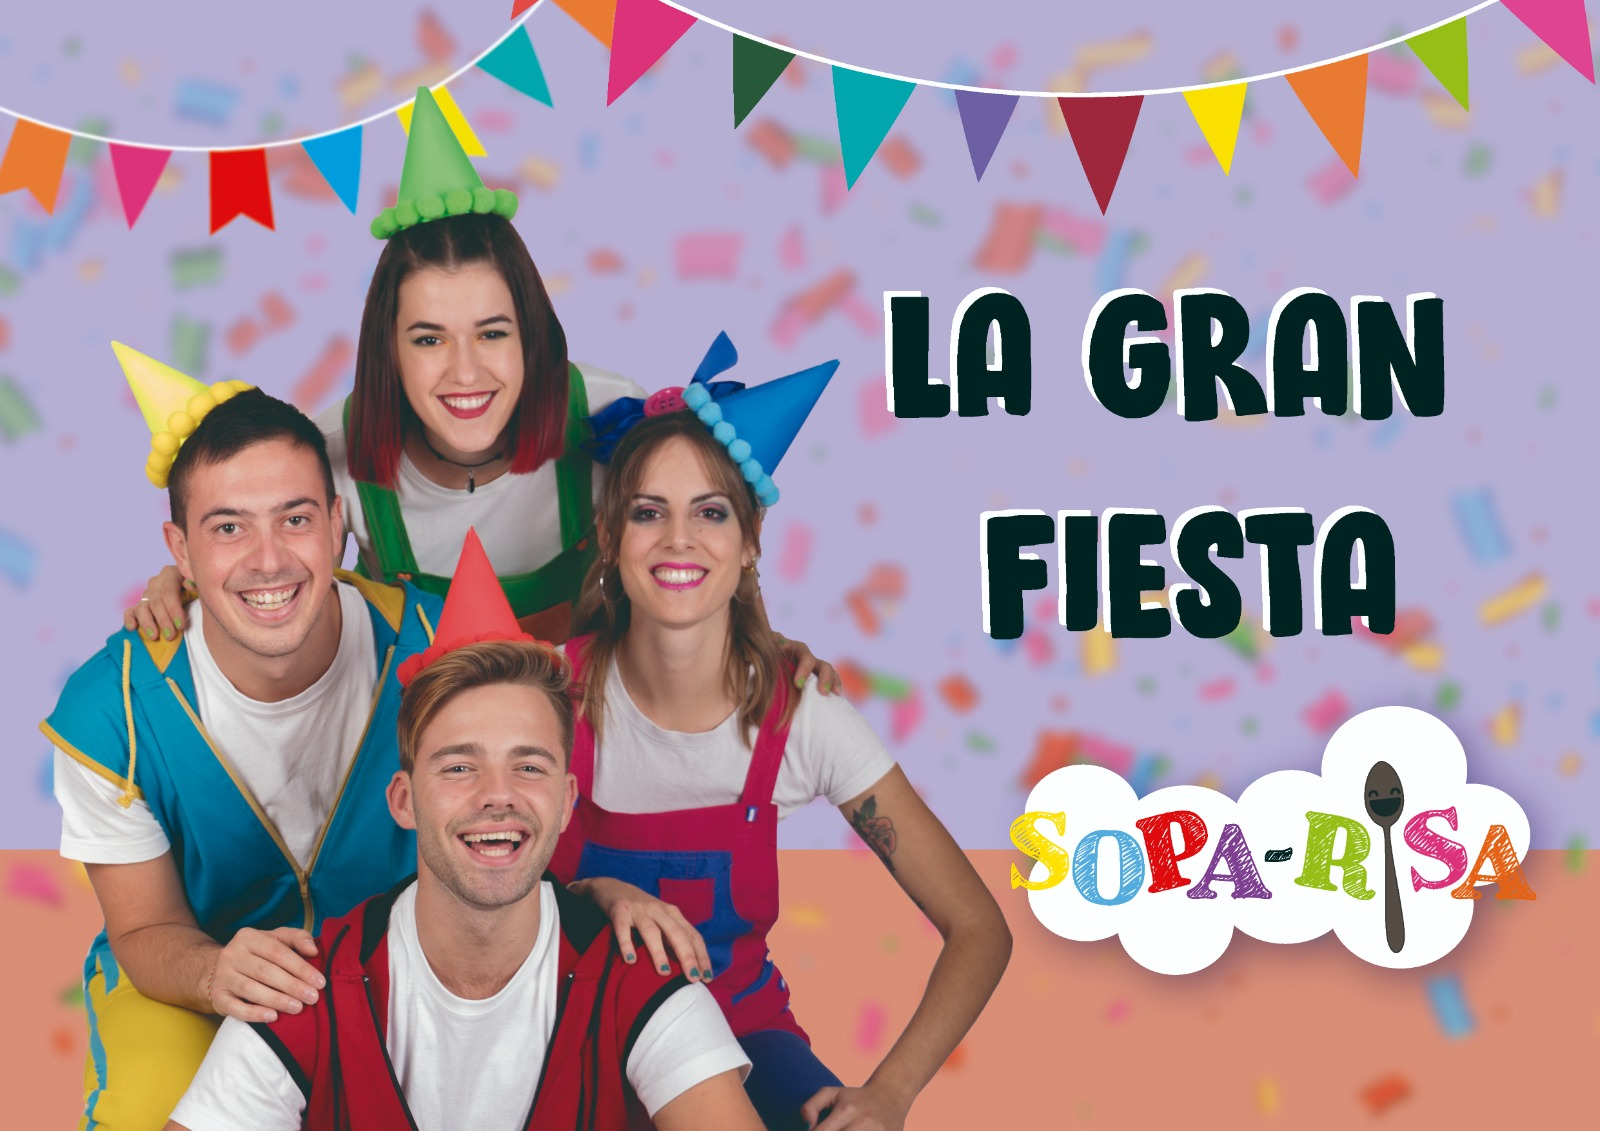 Espectáculo familiar musical Sopa Risa en el Fernando de Rojas